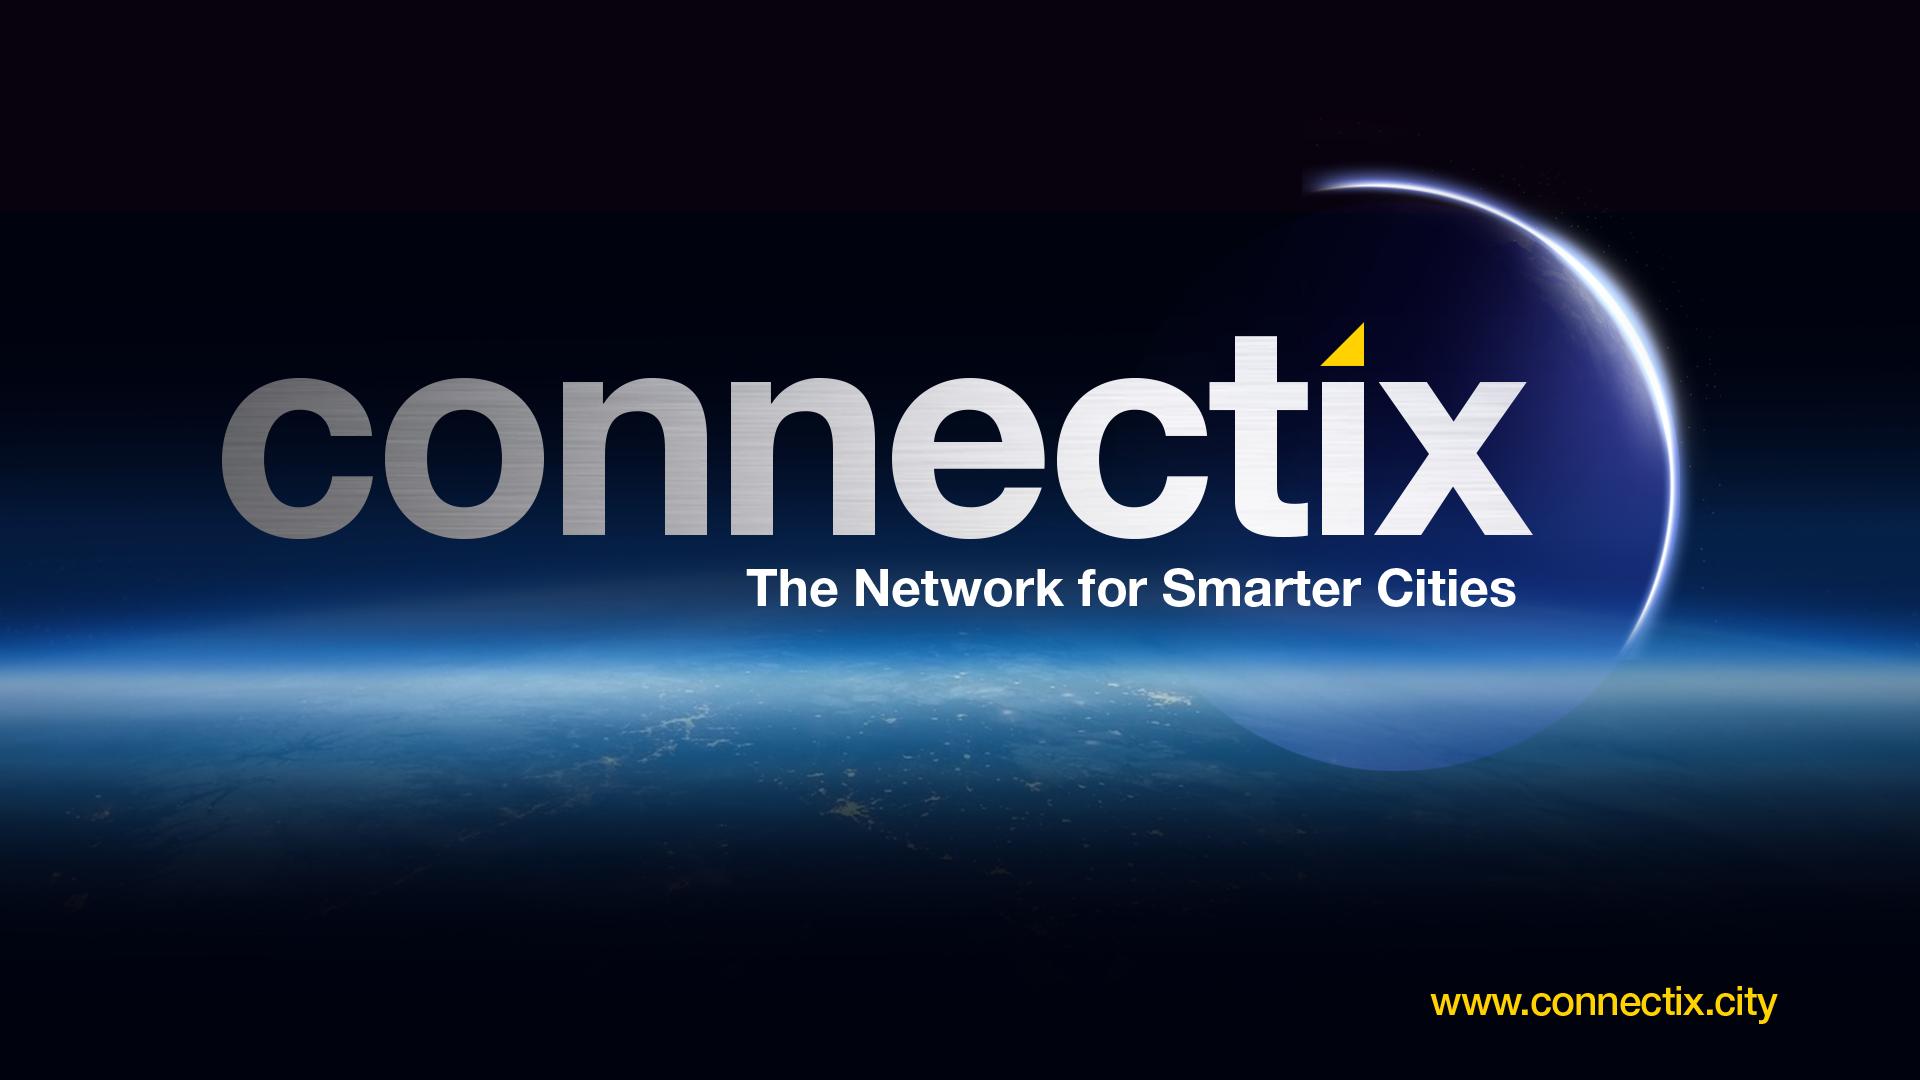 Connectix_identity